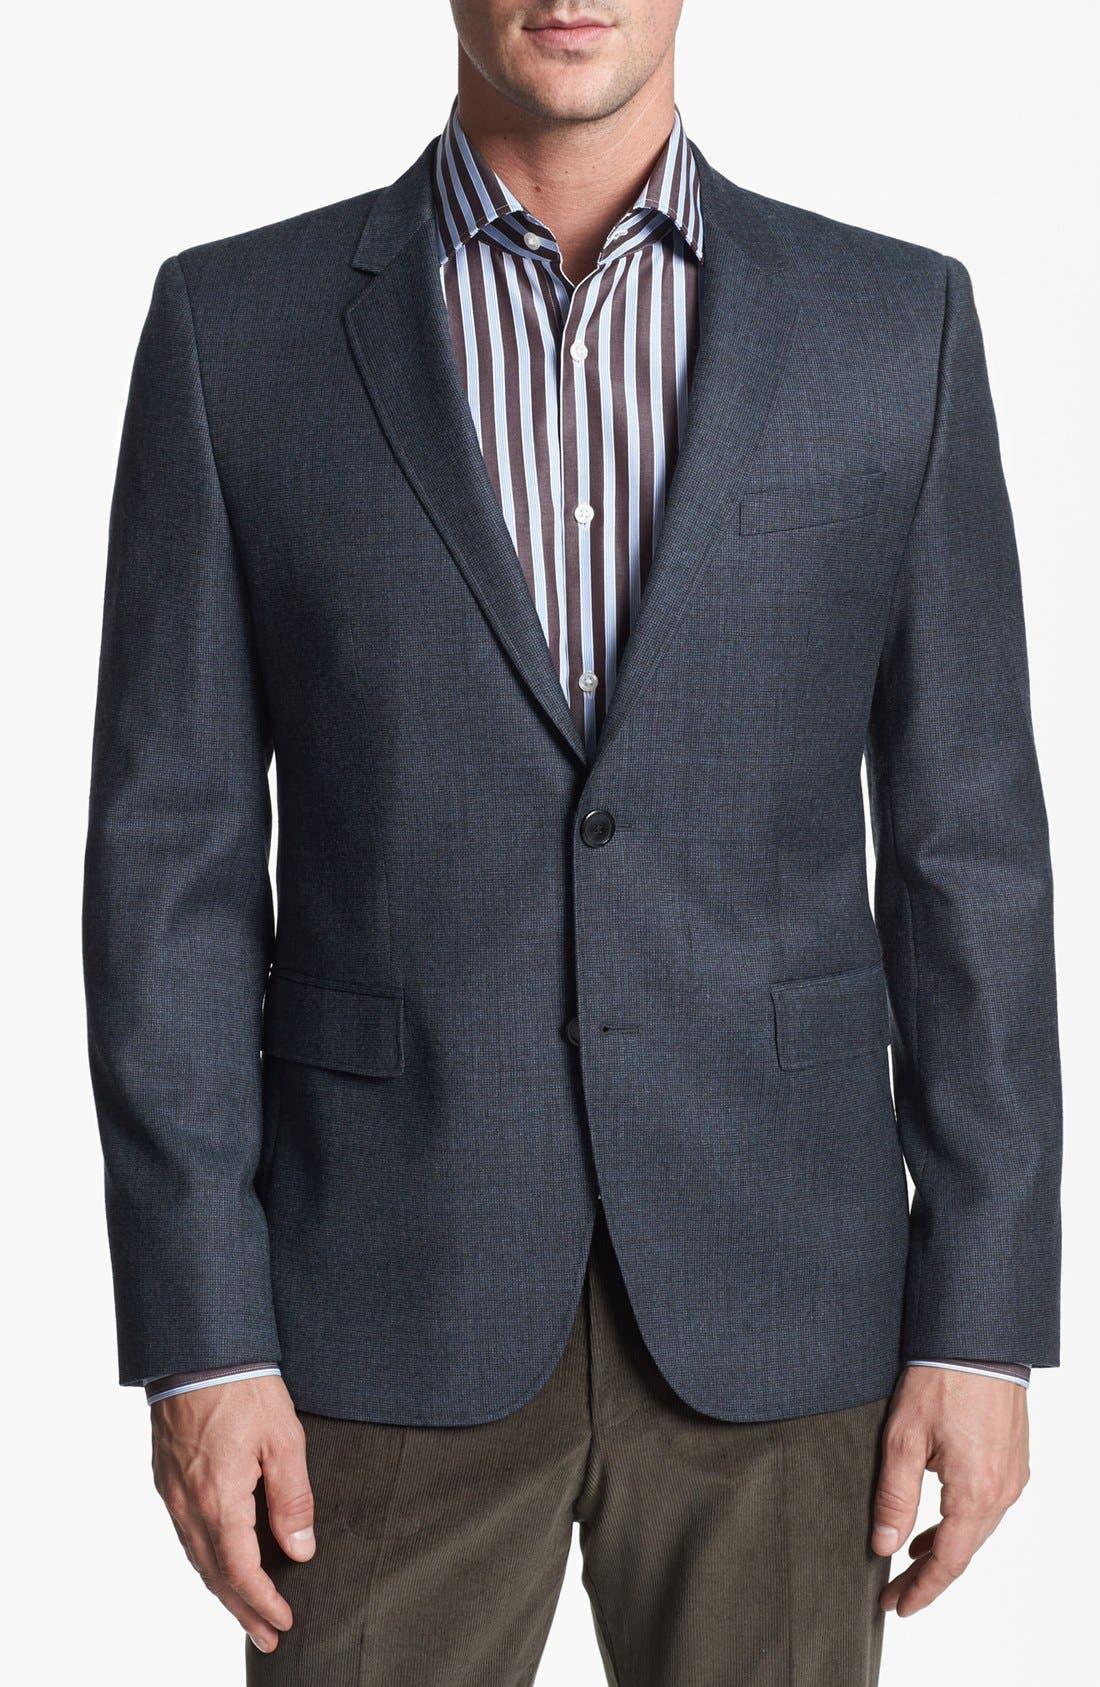 Main Image - HUGO 'Aeris' Extra Trim Fit Sportcoat